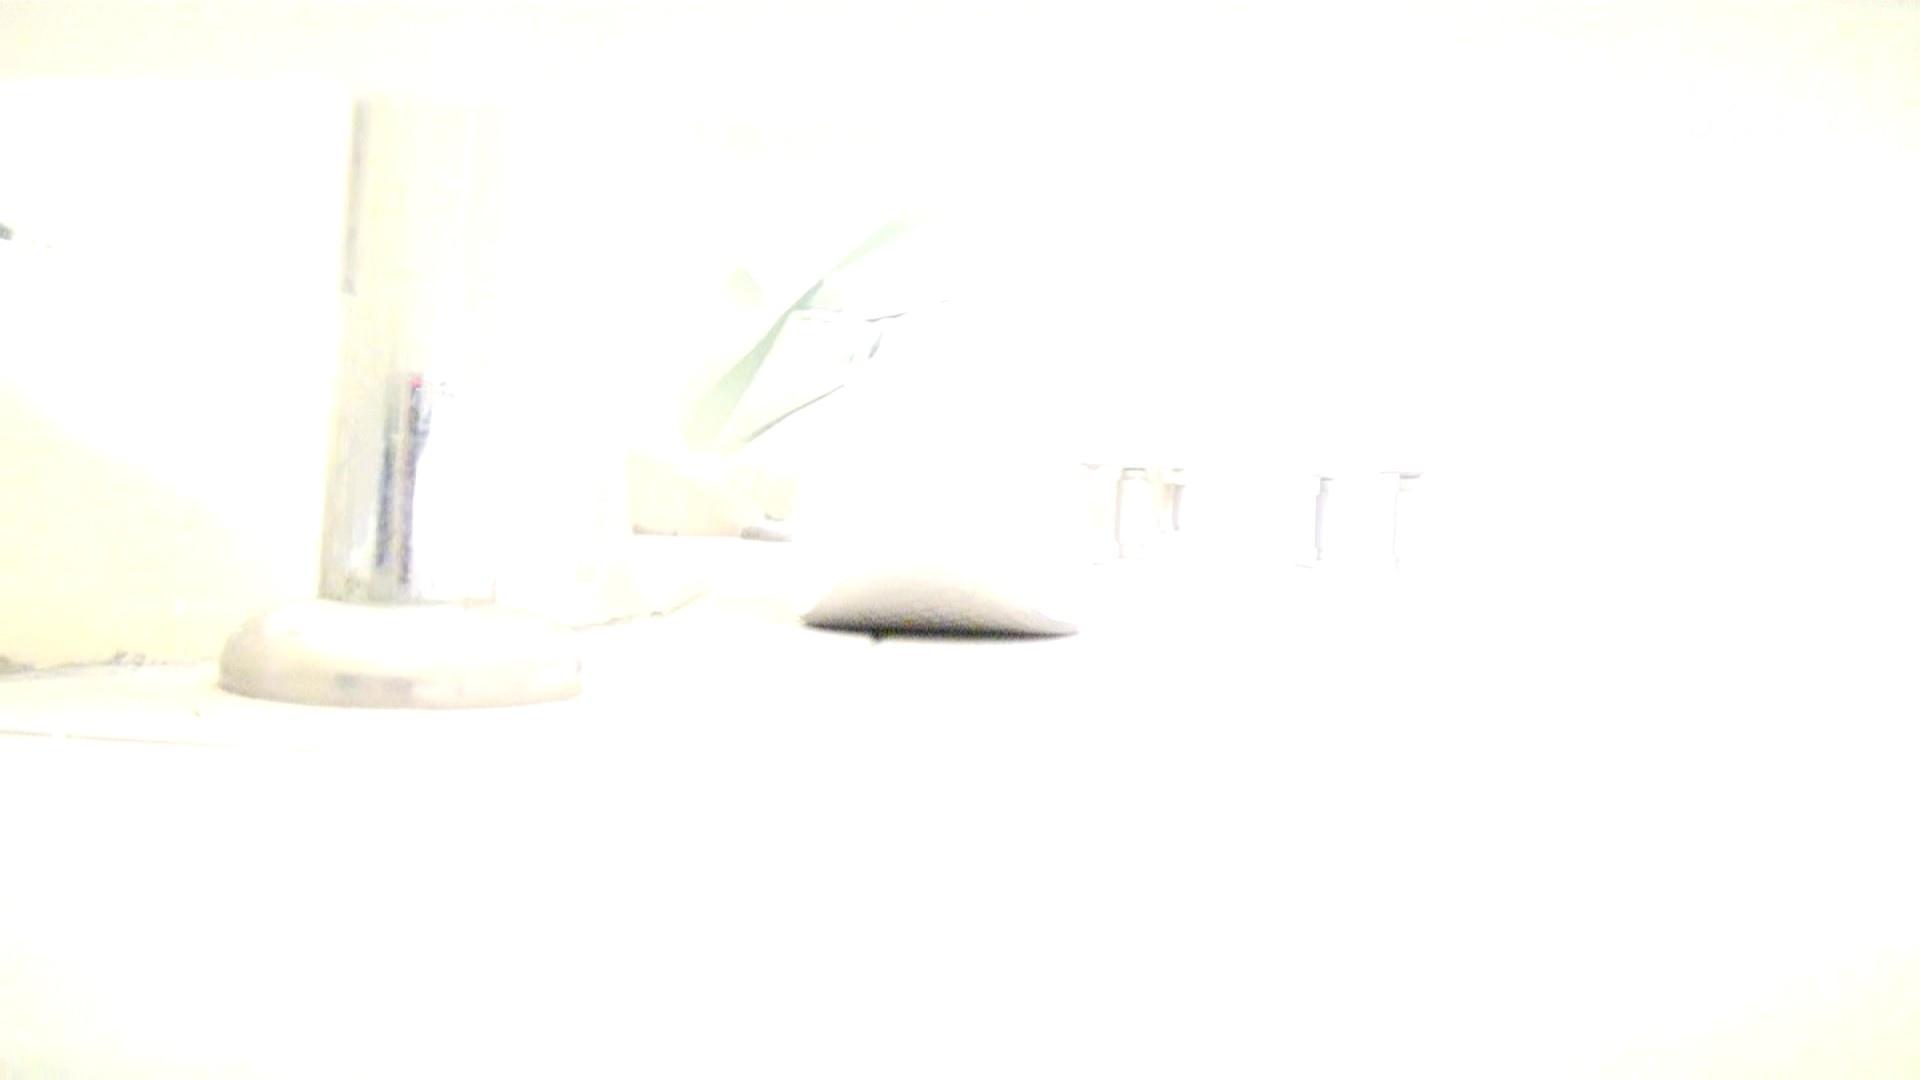 至高下半身盗撮-PREMIUM-【院内病棟編 】 vol.05 洗面所 覗きおまんこ画像 65PIX 59